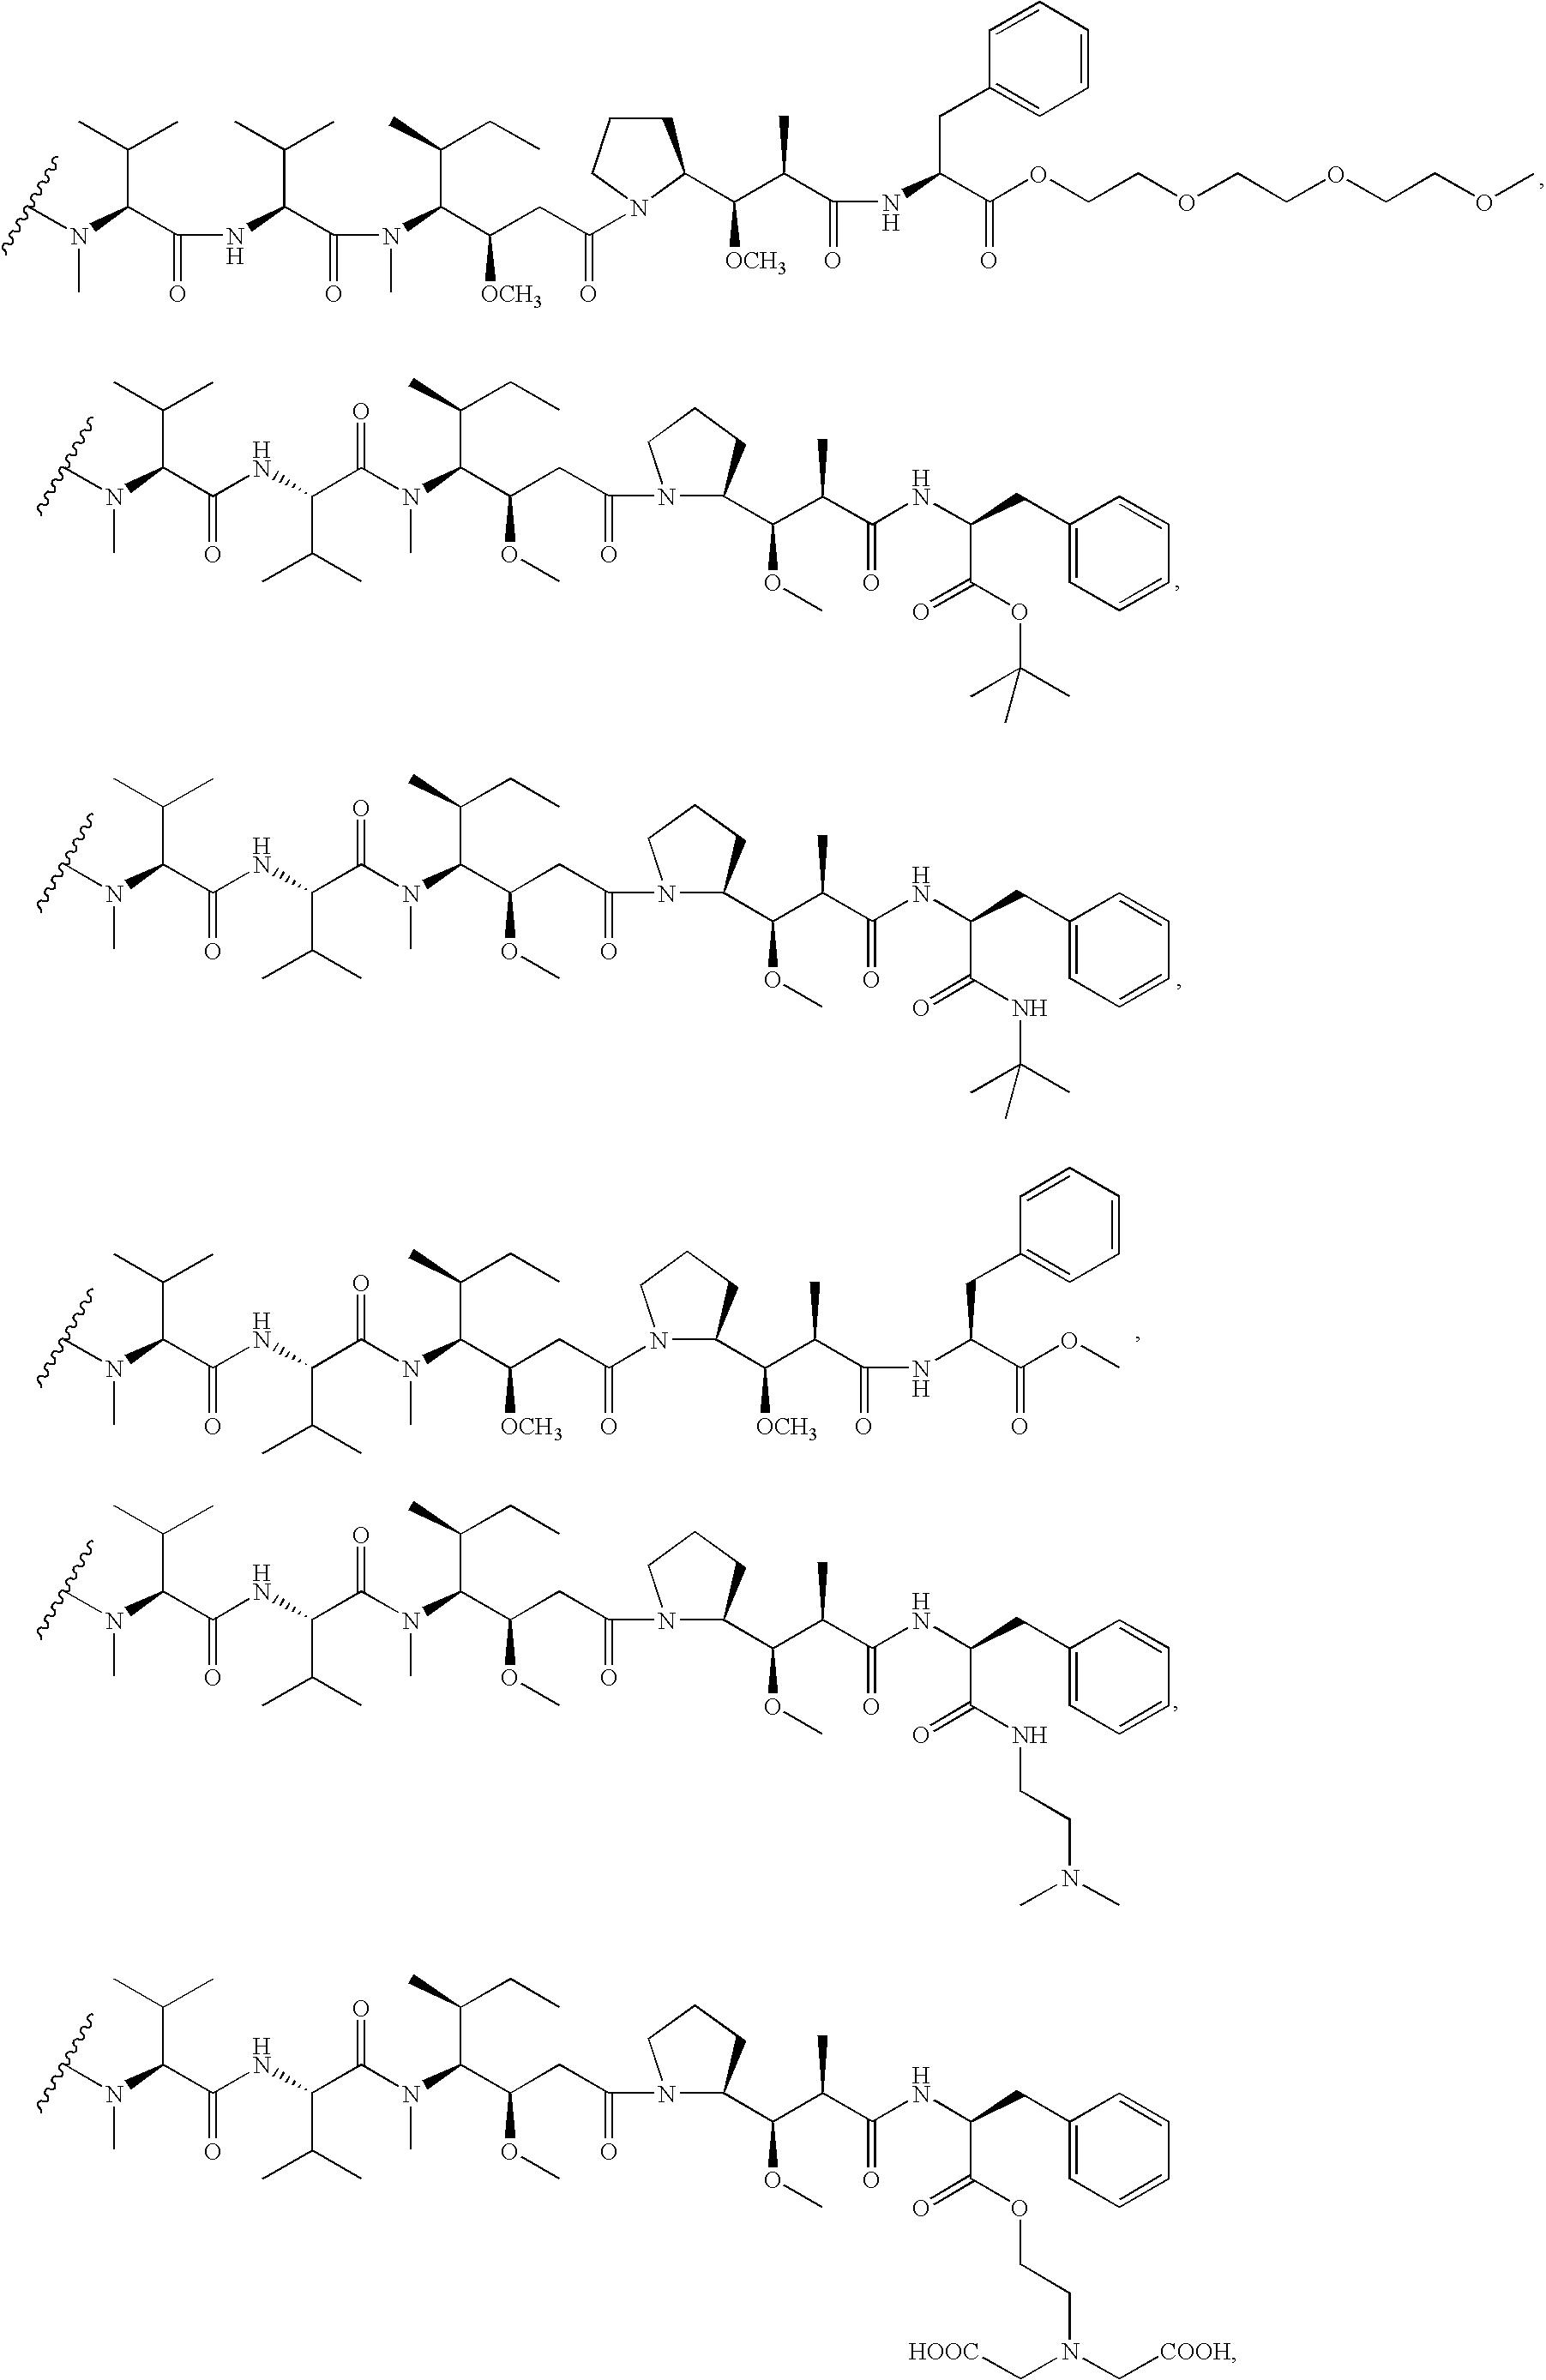 Figure US20090068202A1-20090312-C00013